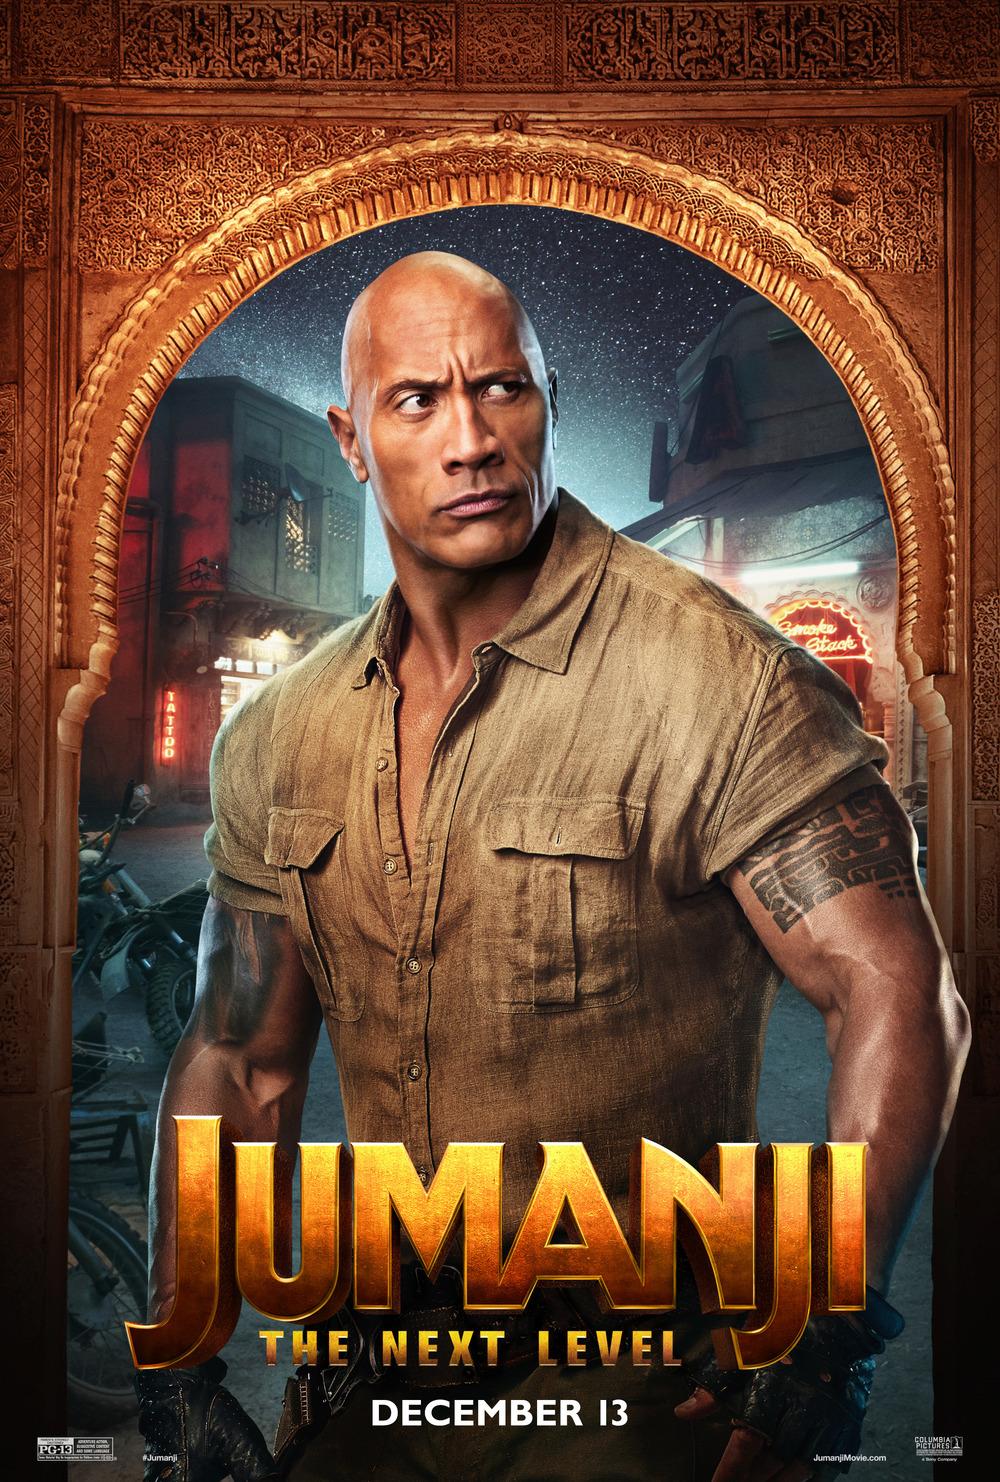 Jumanji The Next Level Dvd Release Date Redbox Netflix Itunes Amazon